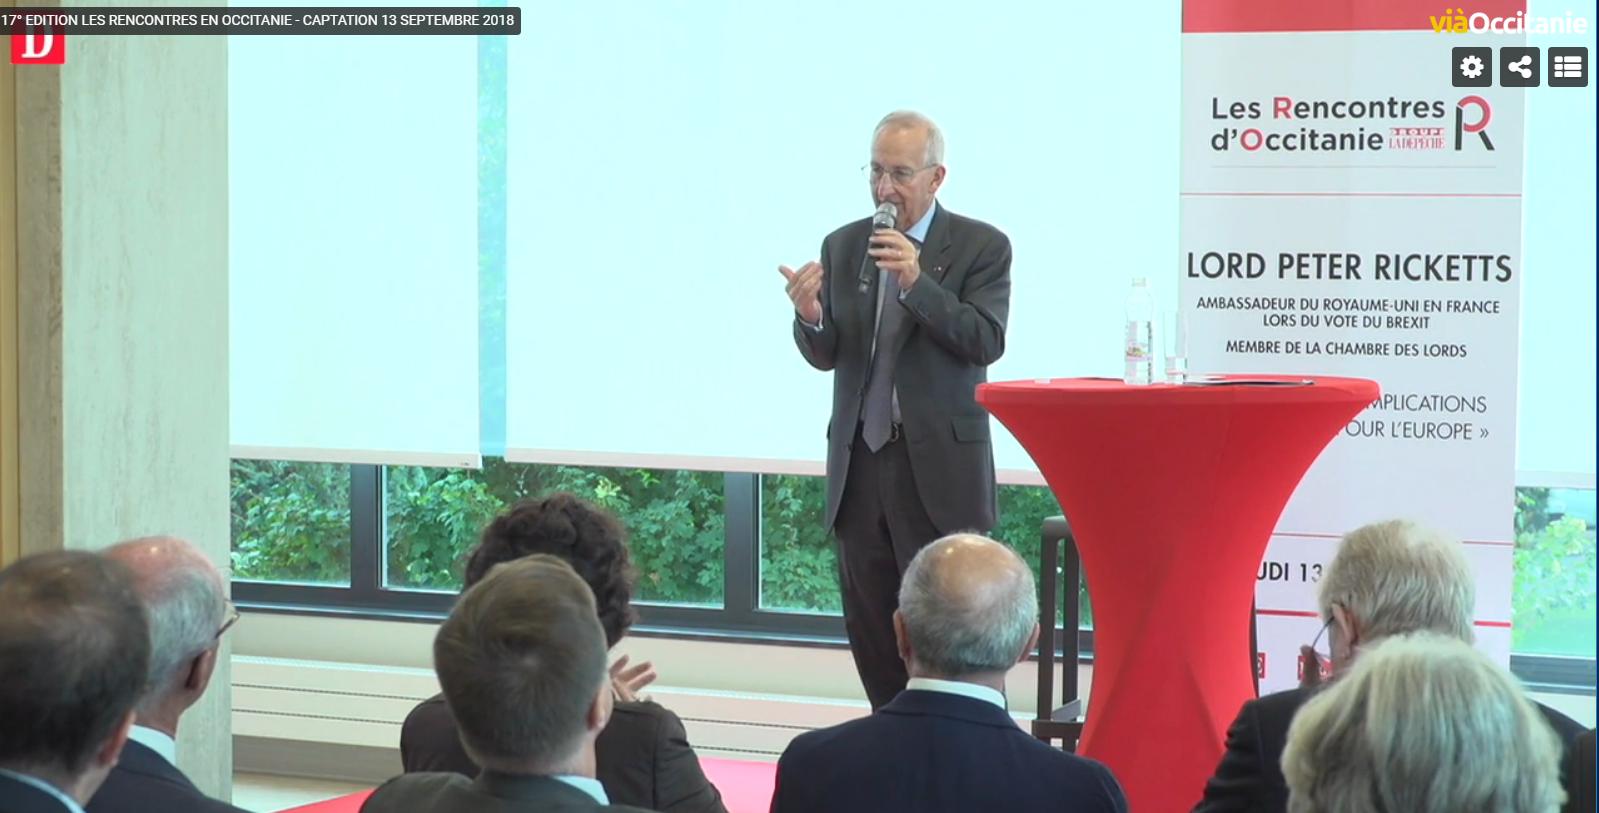 Vidéo intégrale 17èmé édition des Rencontres d'Occitanie - Lord Peter RICKETTS - 13 septembre 2018